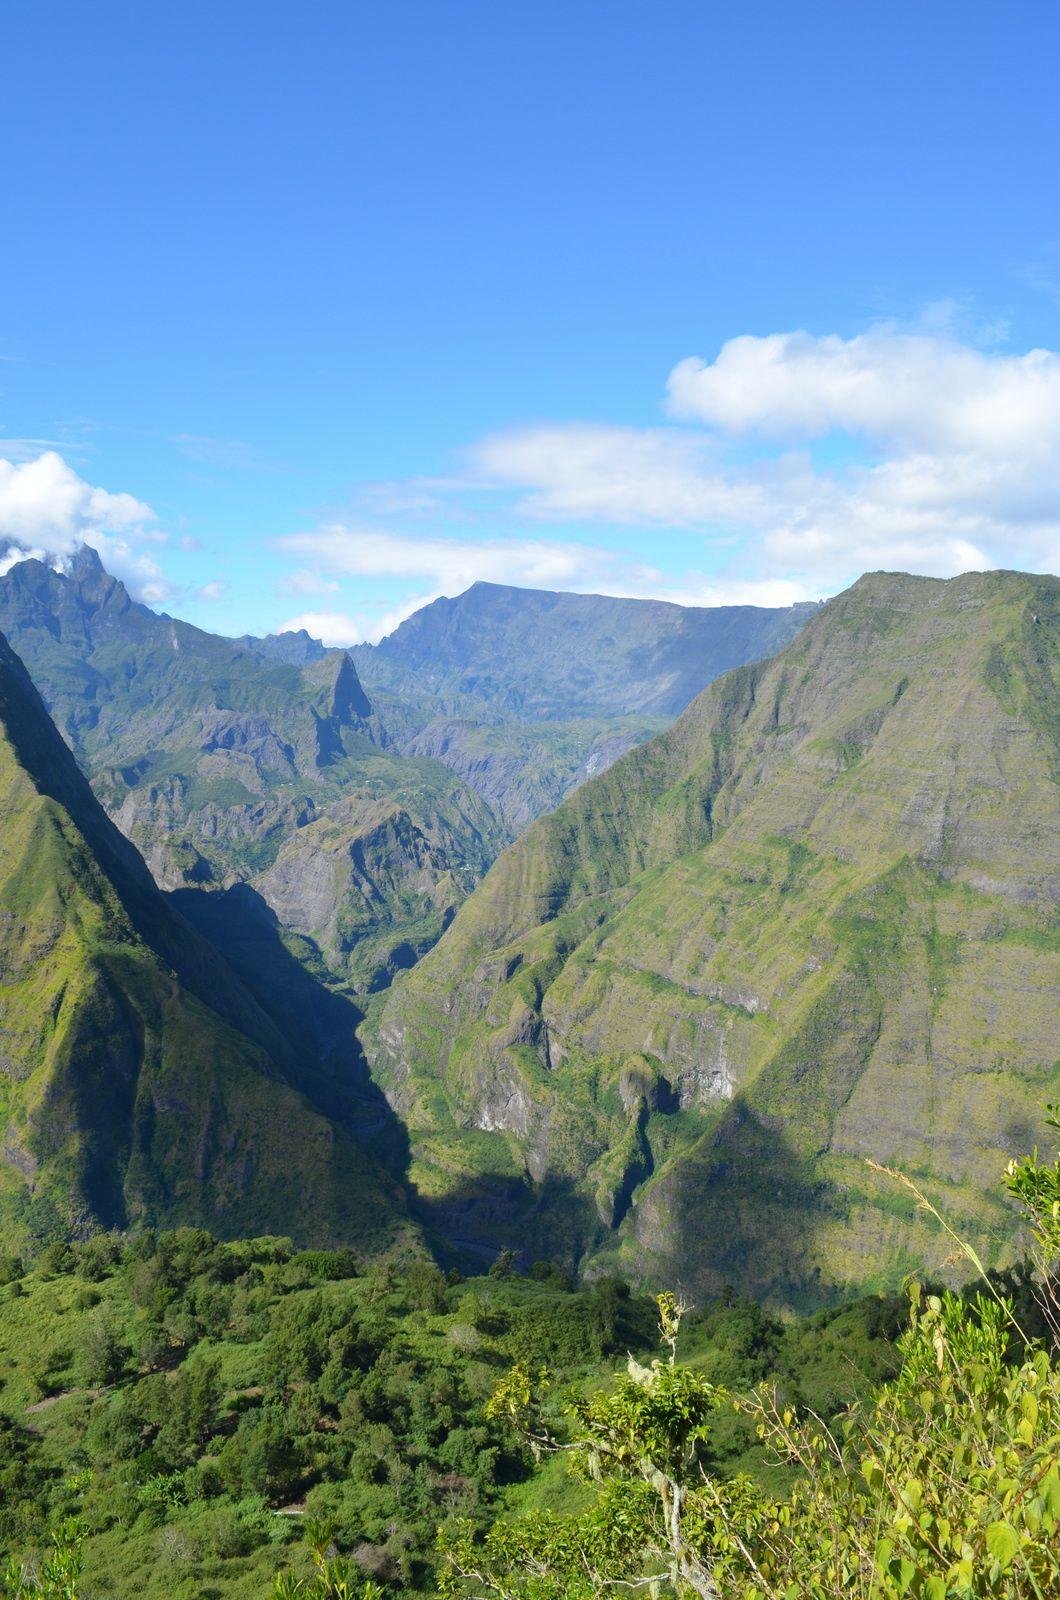 Un petit coin de paradis : l'Ile de la Réunion